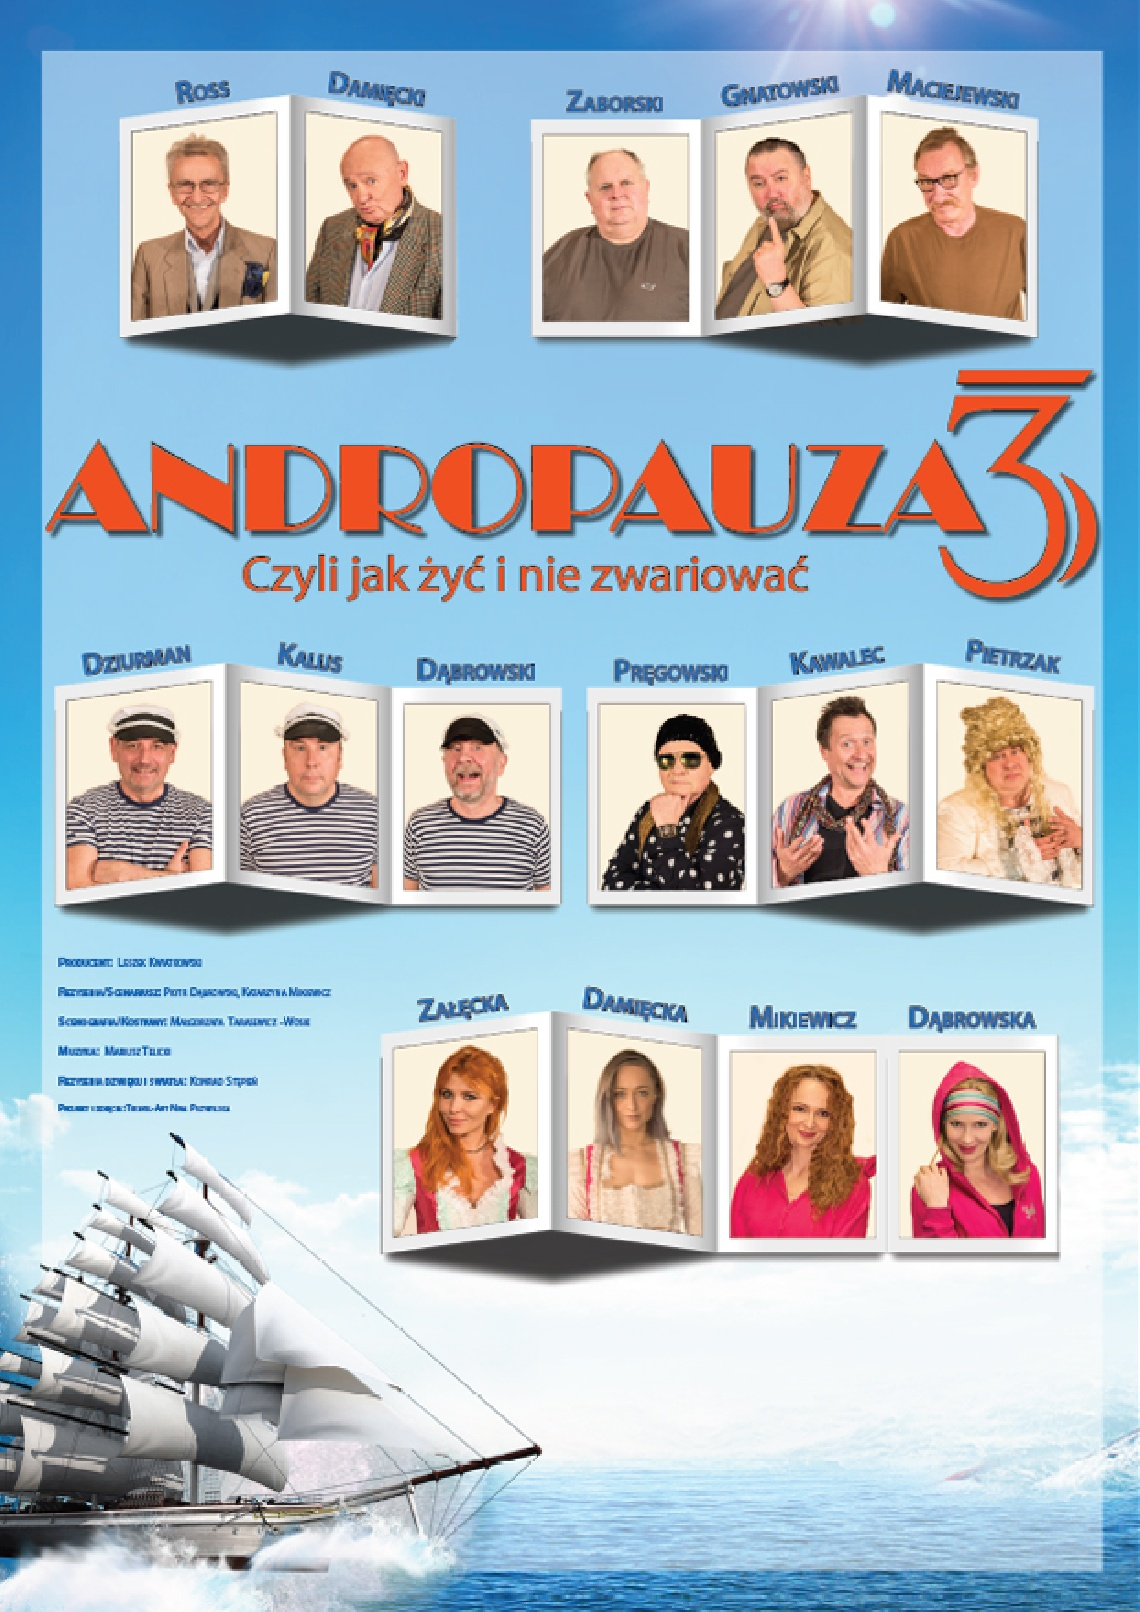 Andropauza 3, czyli jak żyć i nie zwariować